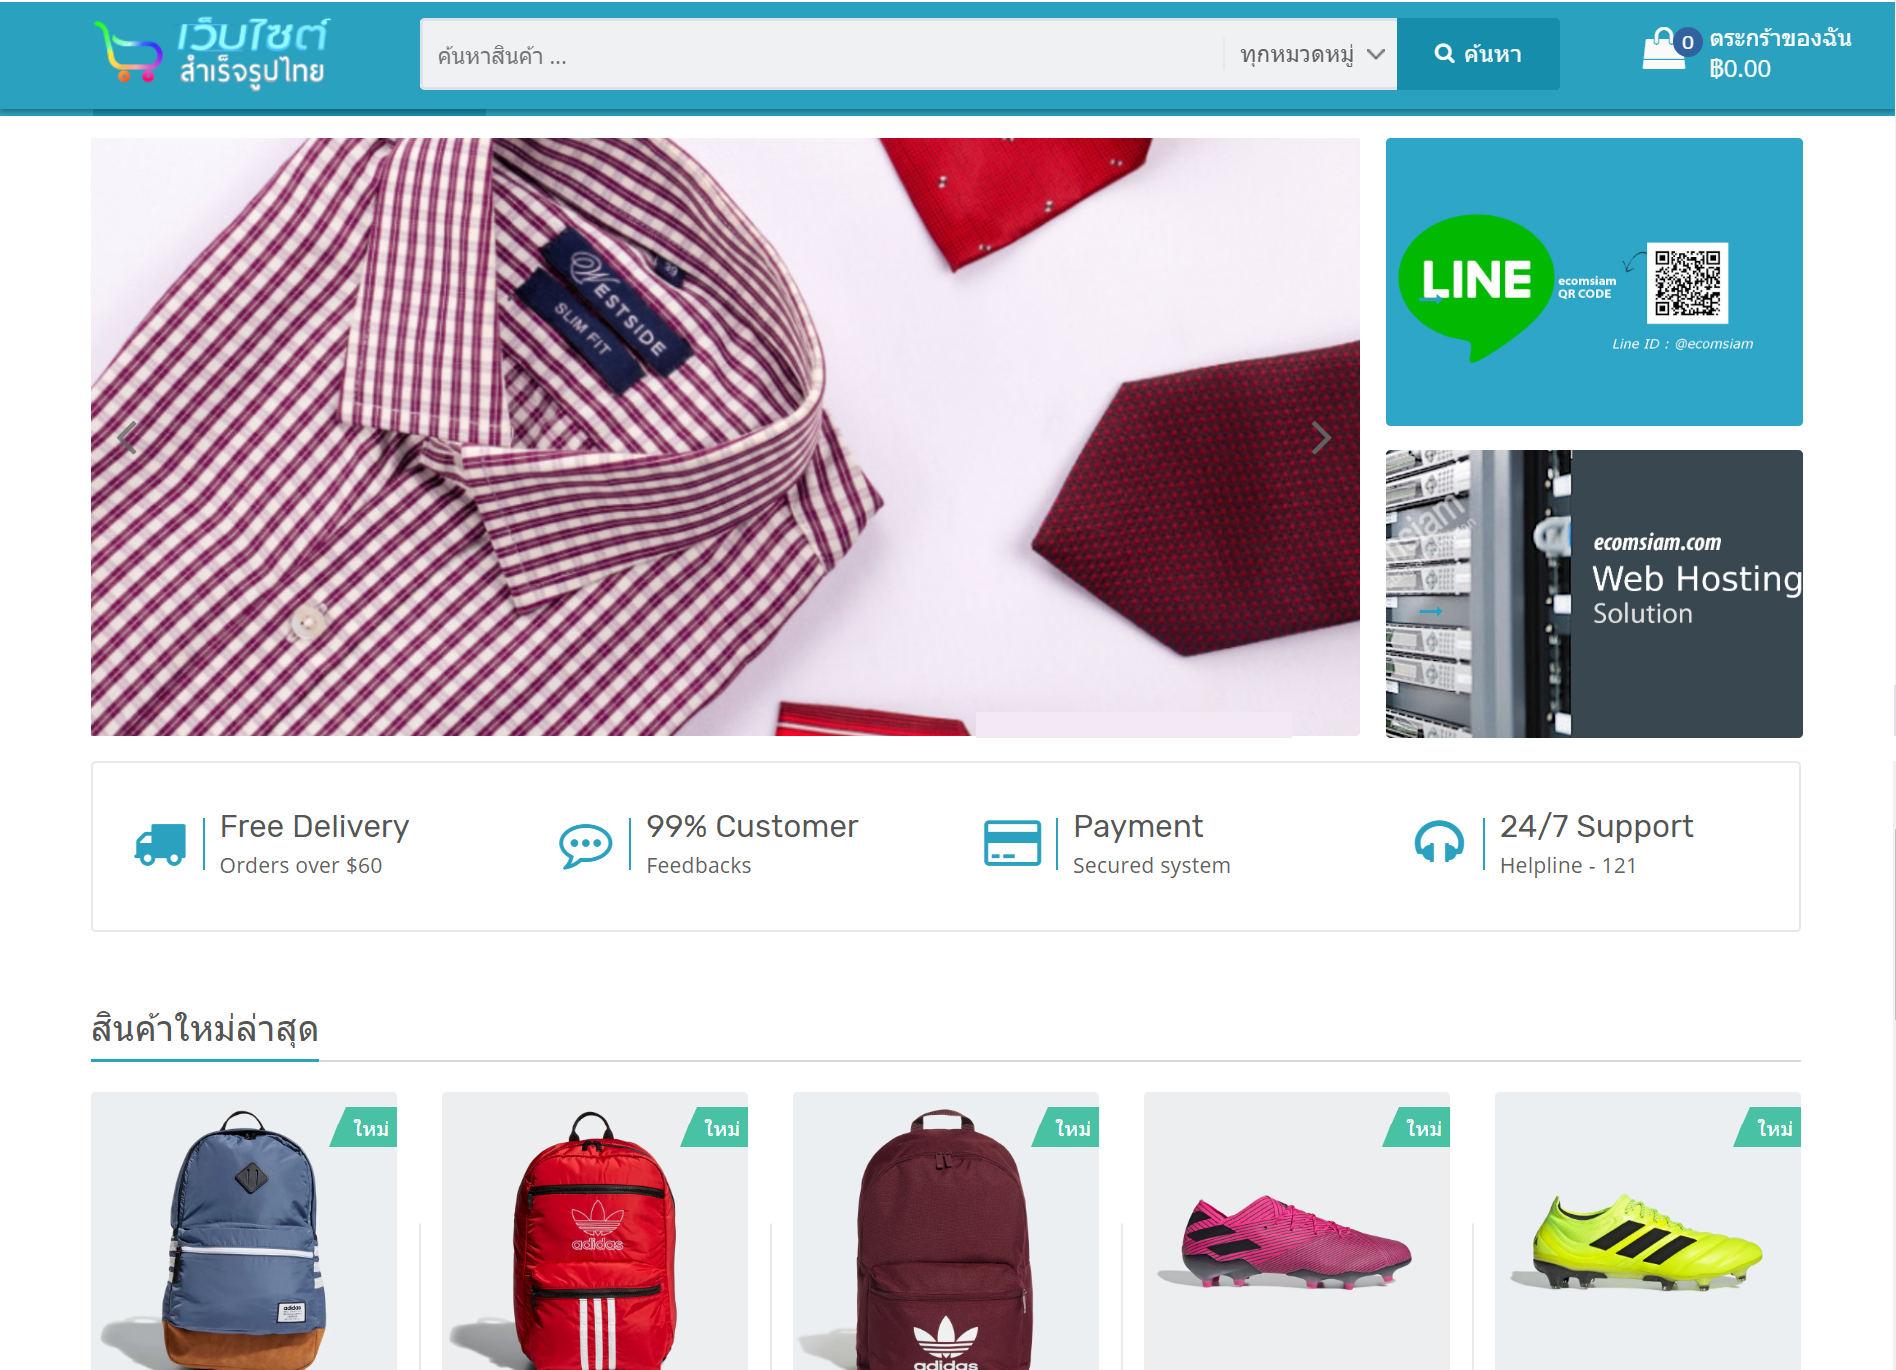 ฟีเจอร์ ecommerce ร้านออนไลน์  เว็บขายสินค้าออนไลน์ ขายของออนไลน์ - ใส่ภาพสไลด์และแบนเนอร์ บนหน้าเว็บขายสินค้าออนไลน์ - เปิดร้านออนไลน์ ขายของออนไลน์ เว็บอีคอมเมอร์ส ด้วยเว็บไซต์สำเร็จรูป websitethailand ecommerce